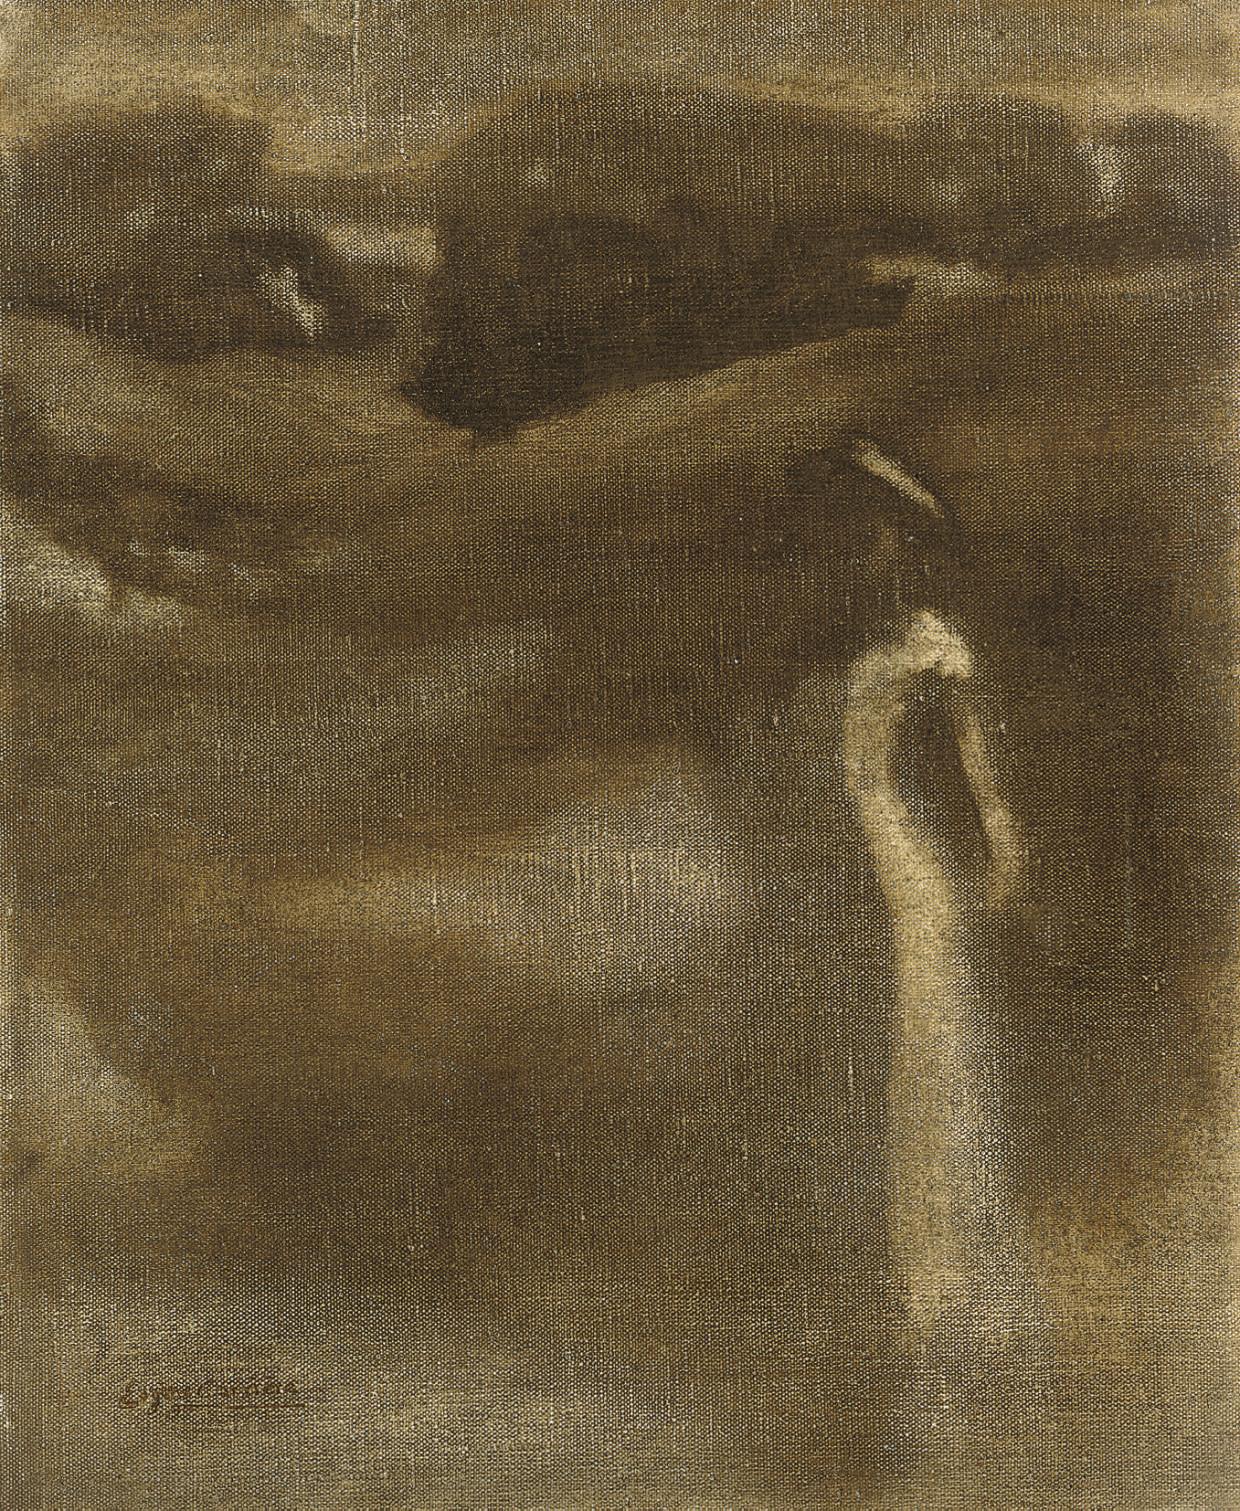 Eugéne Carrière (French, 1840-